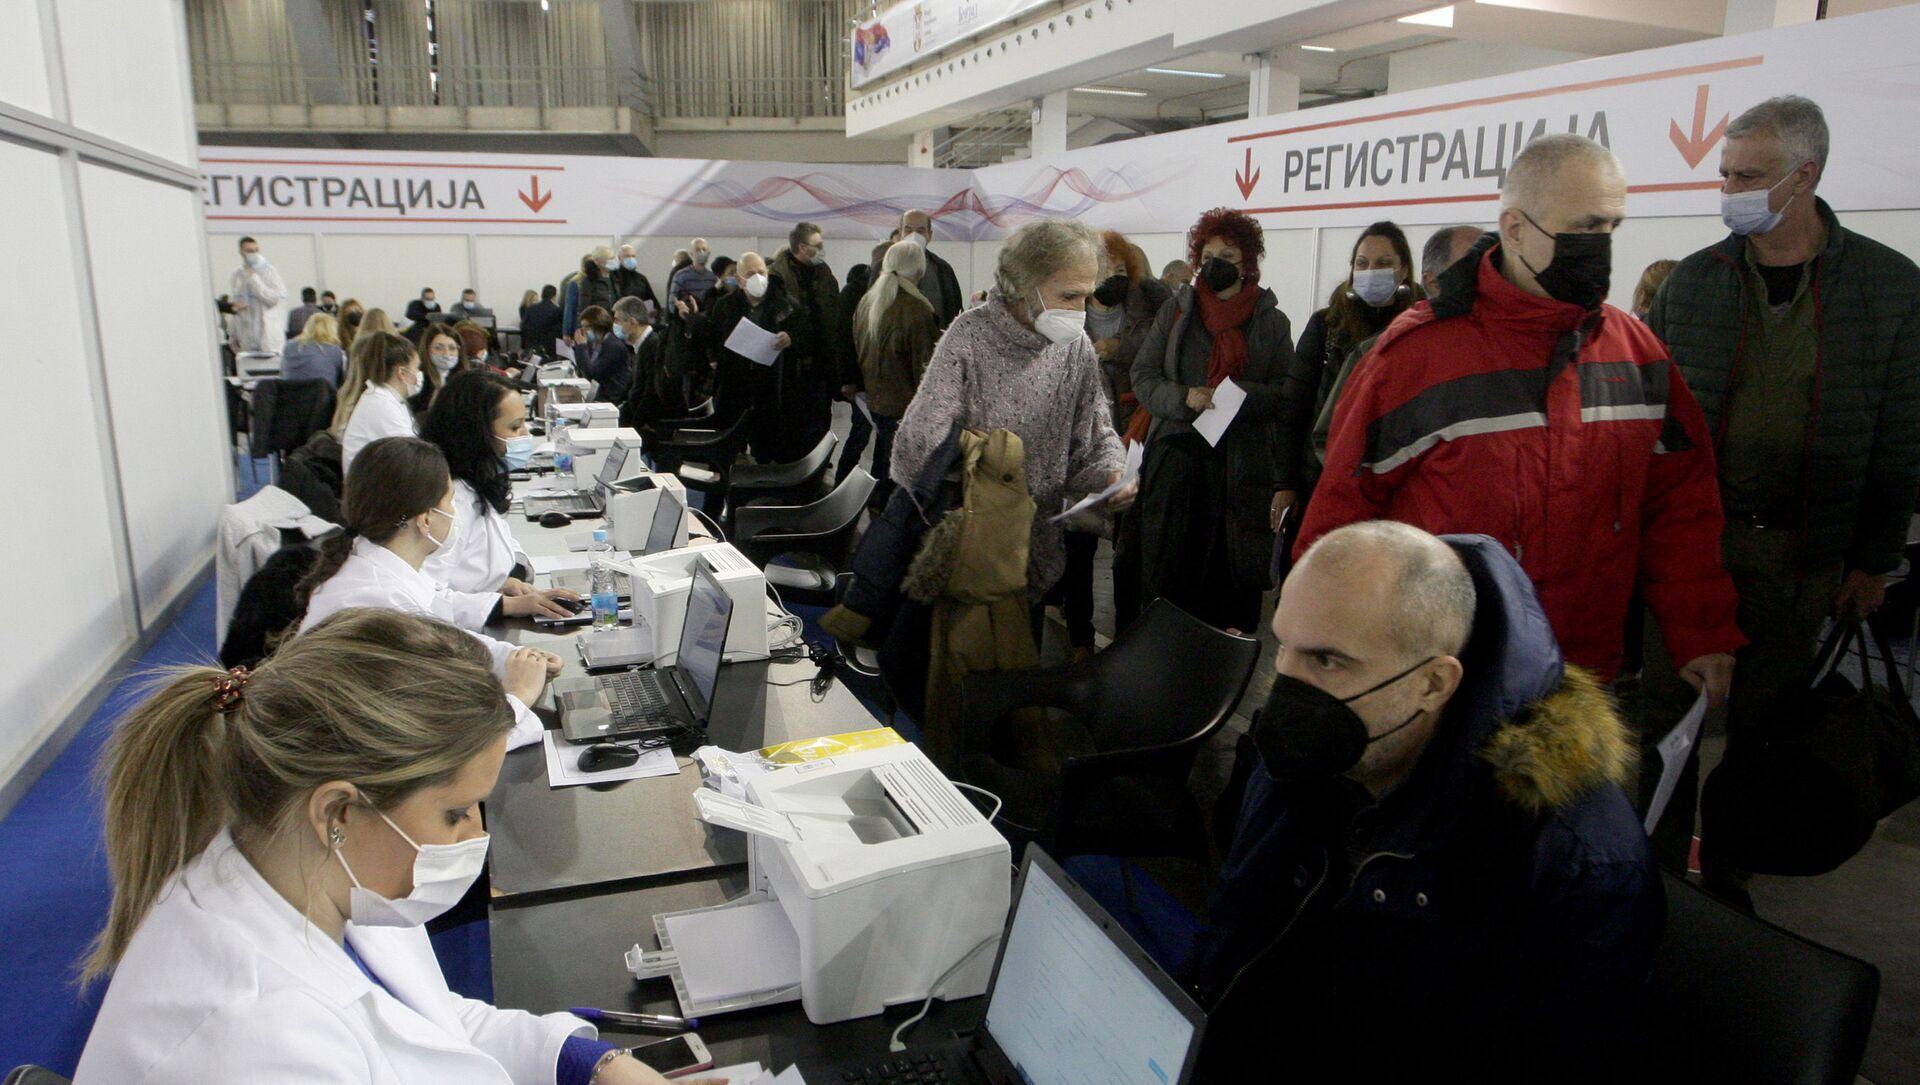 Медицинско особље на Београдском сајму на пункту за вакцинацију - Sputnik Србија, 1920, 04.02.2021